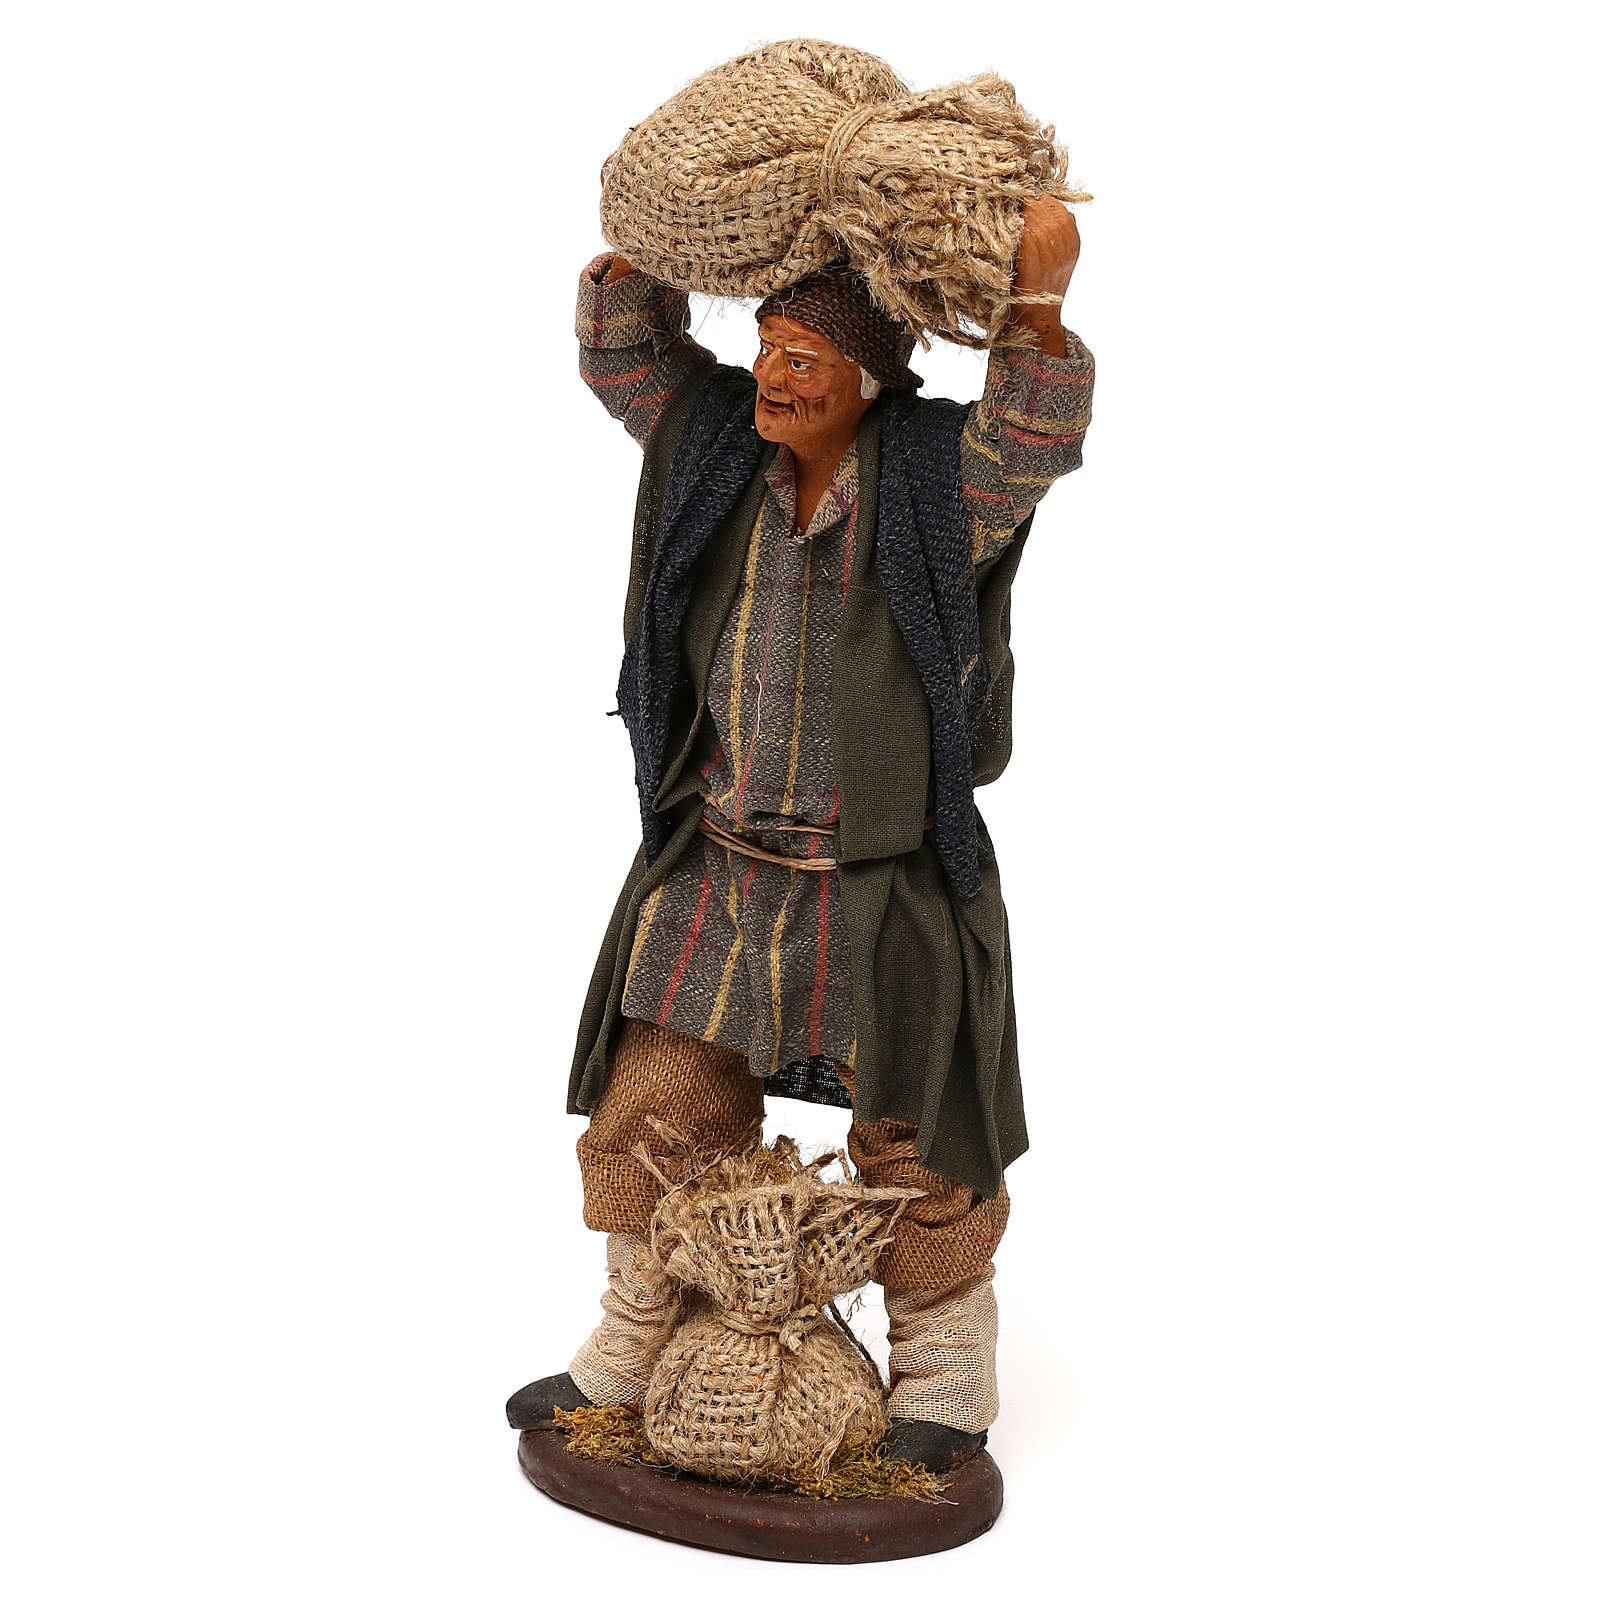 STOCK Uomo con sacchi vestito in terracotta 18 cm presepe napoletano 4